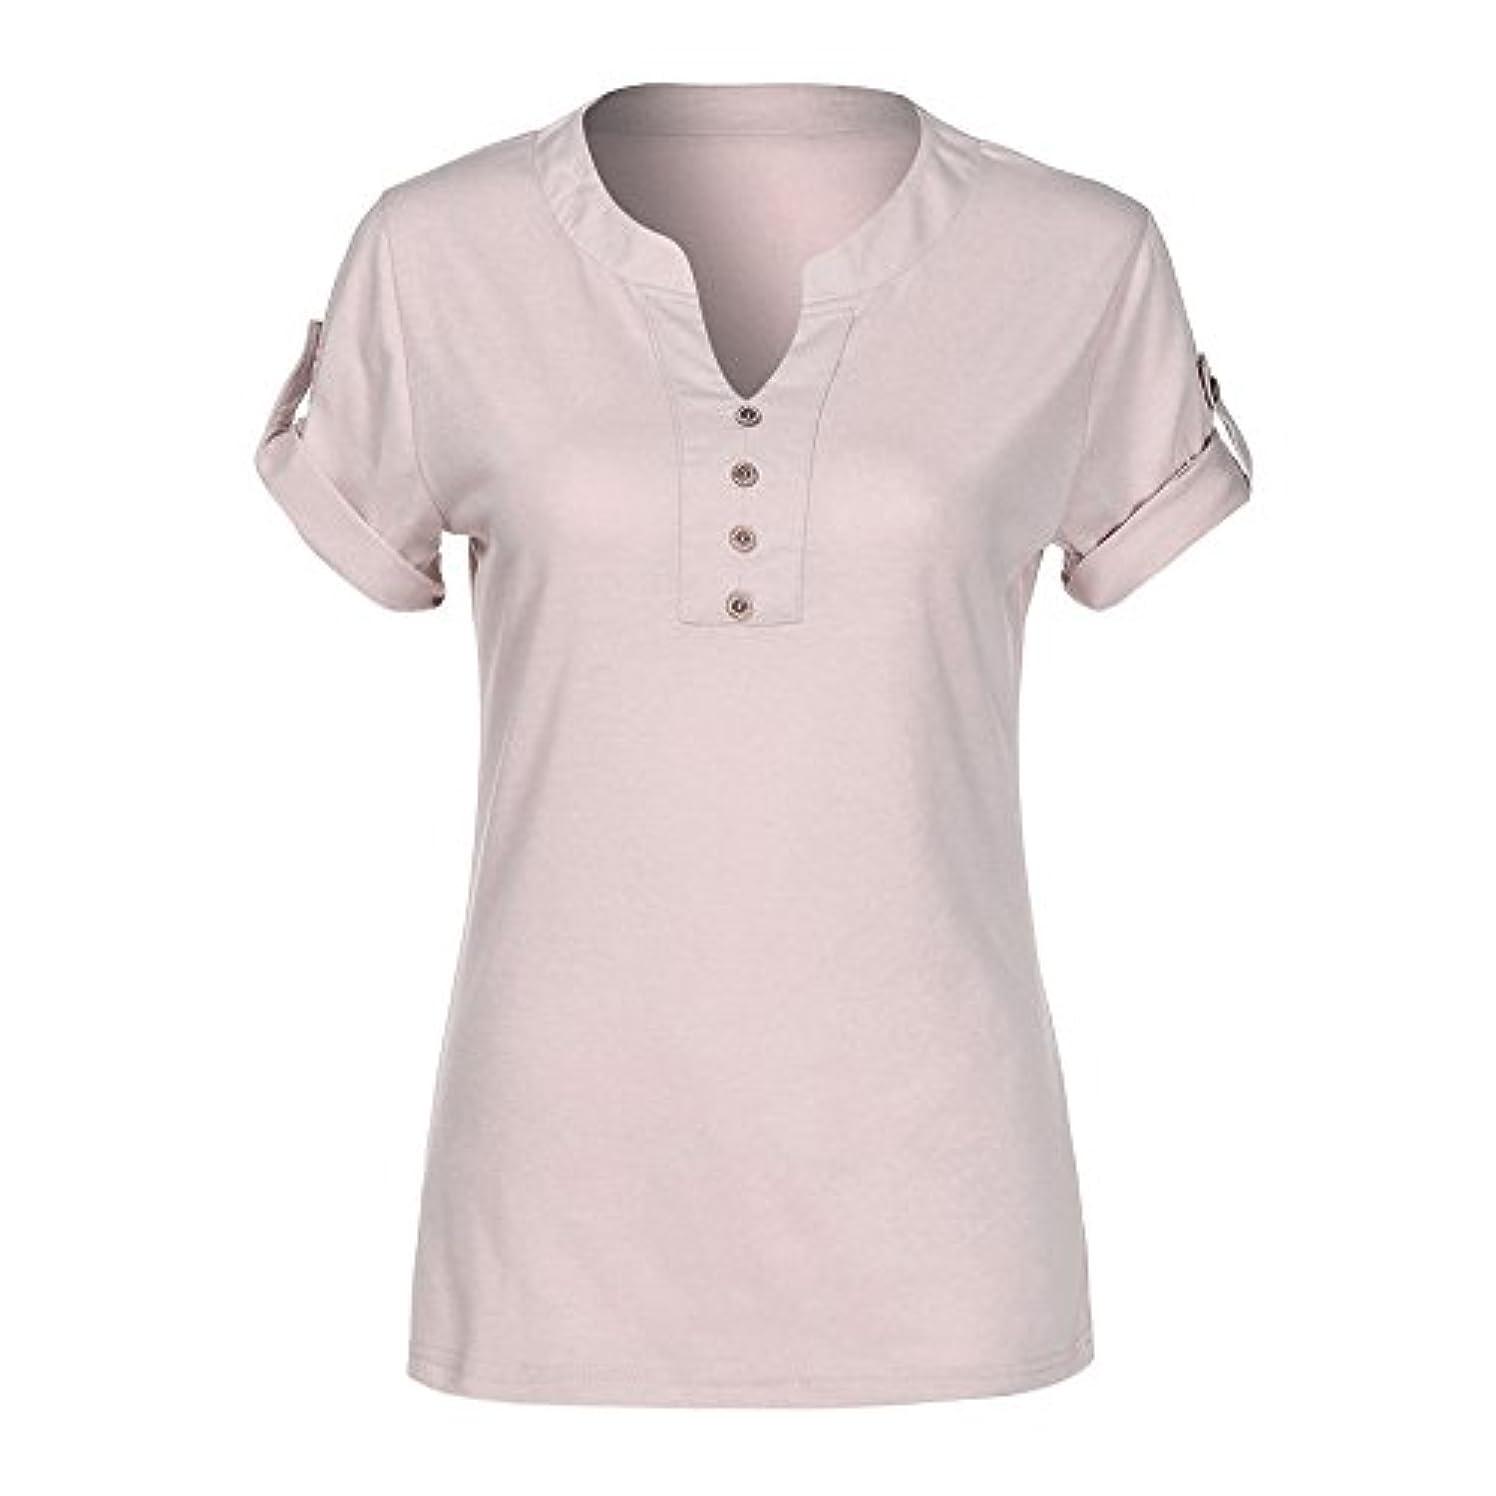 誘導ゴミ箱付録上着 レディース BOBOGOJP 女性 シンプル風 ボタン 半袖 tシャツ V-ネックシャツ トップス カジュアル ファッション T-Shirt 着痩せ 柔らかい 夏 春 秋 Tシャツ 通勤 通学 日常 プルオーバー